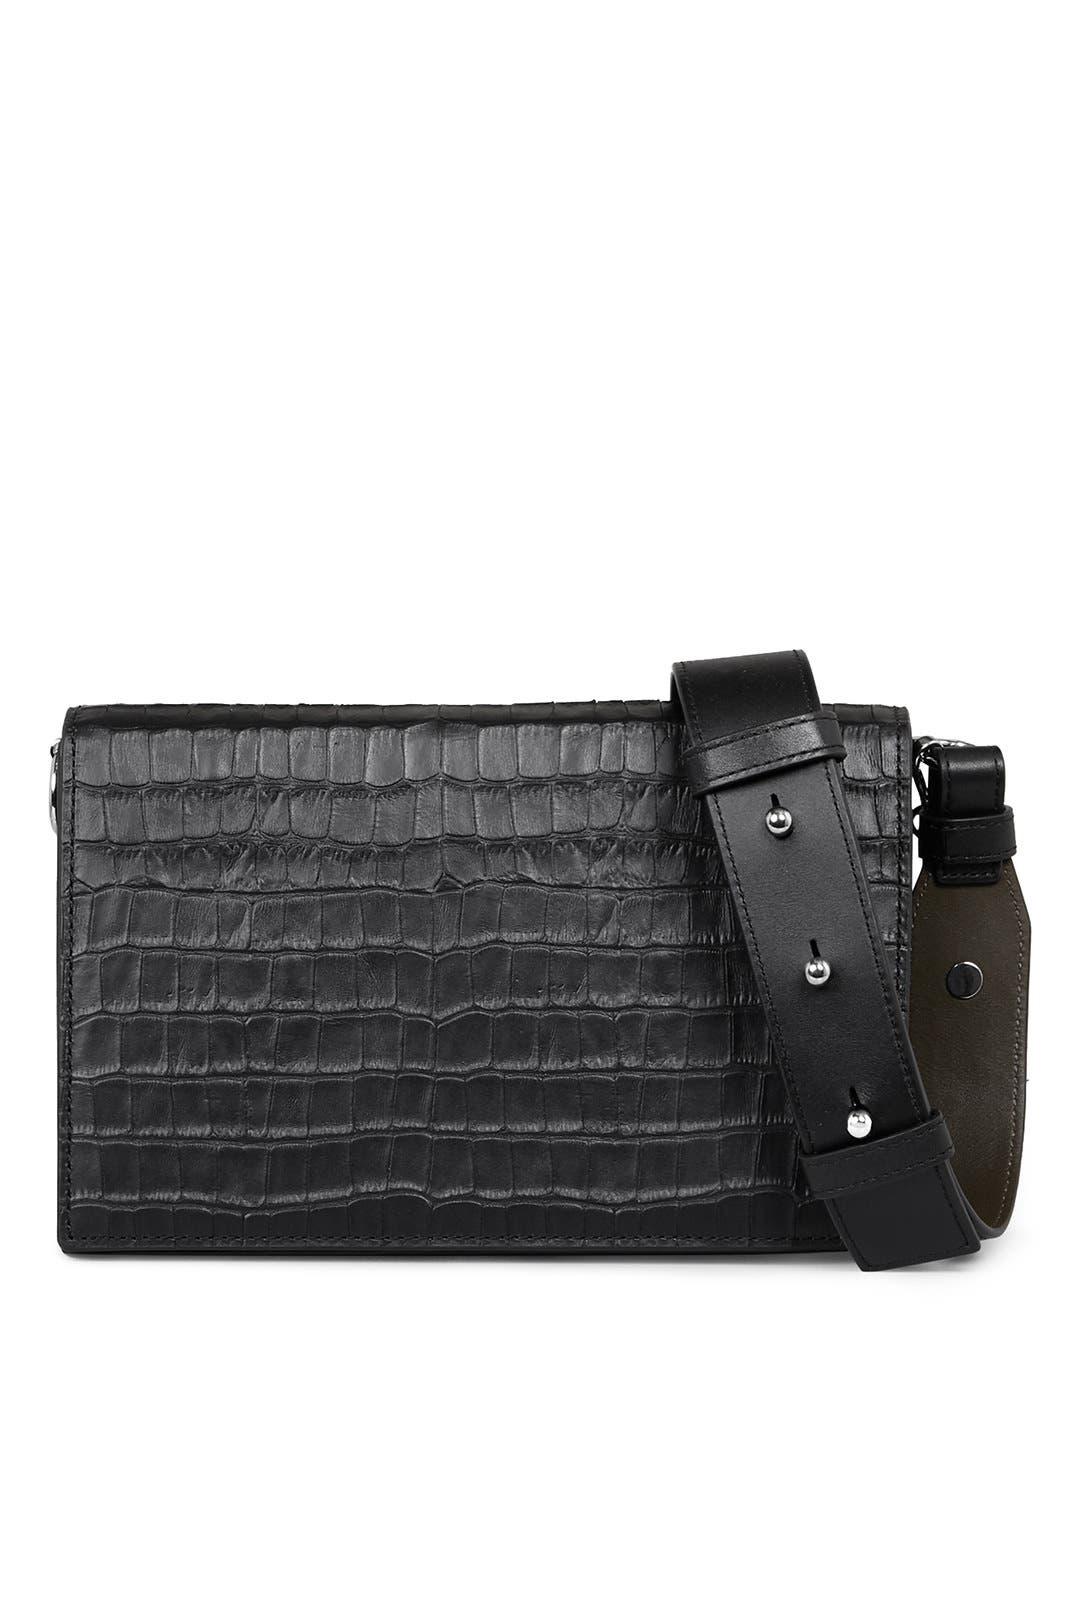 dc4dff55ac AllSaints Croc Zep Box Bag